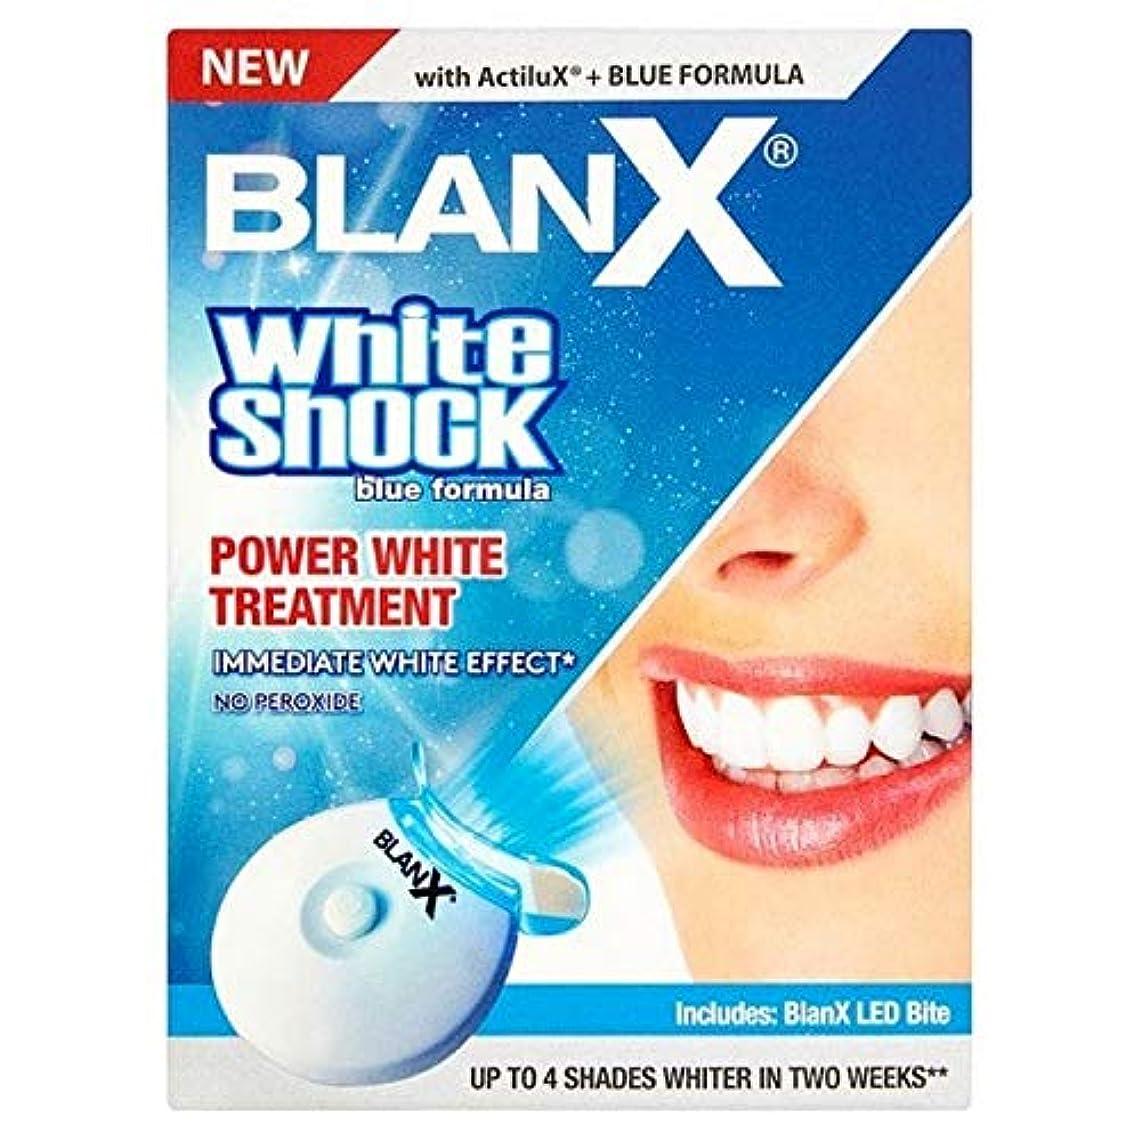 伝説ブラスト家族[Blanx] Blanx白ショック処理50ミリリットル - BlanX White Shock Treatment 50ml [並行輸入品]